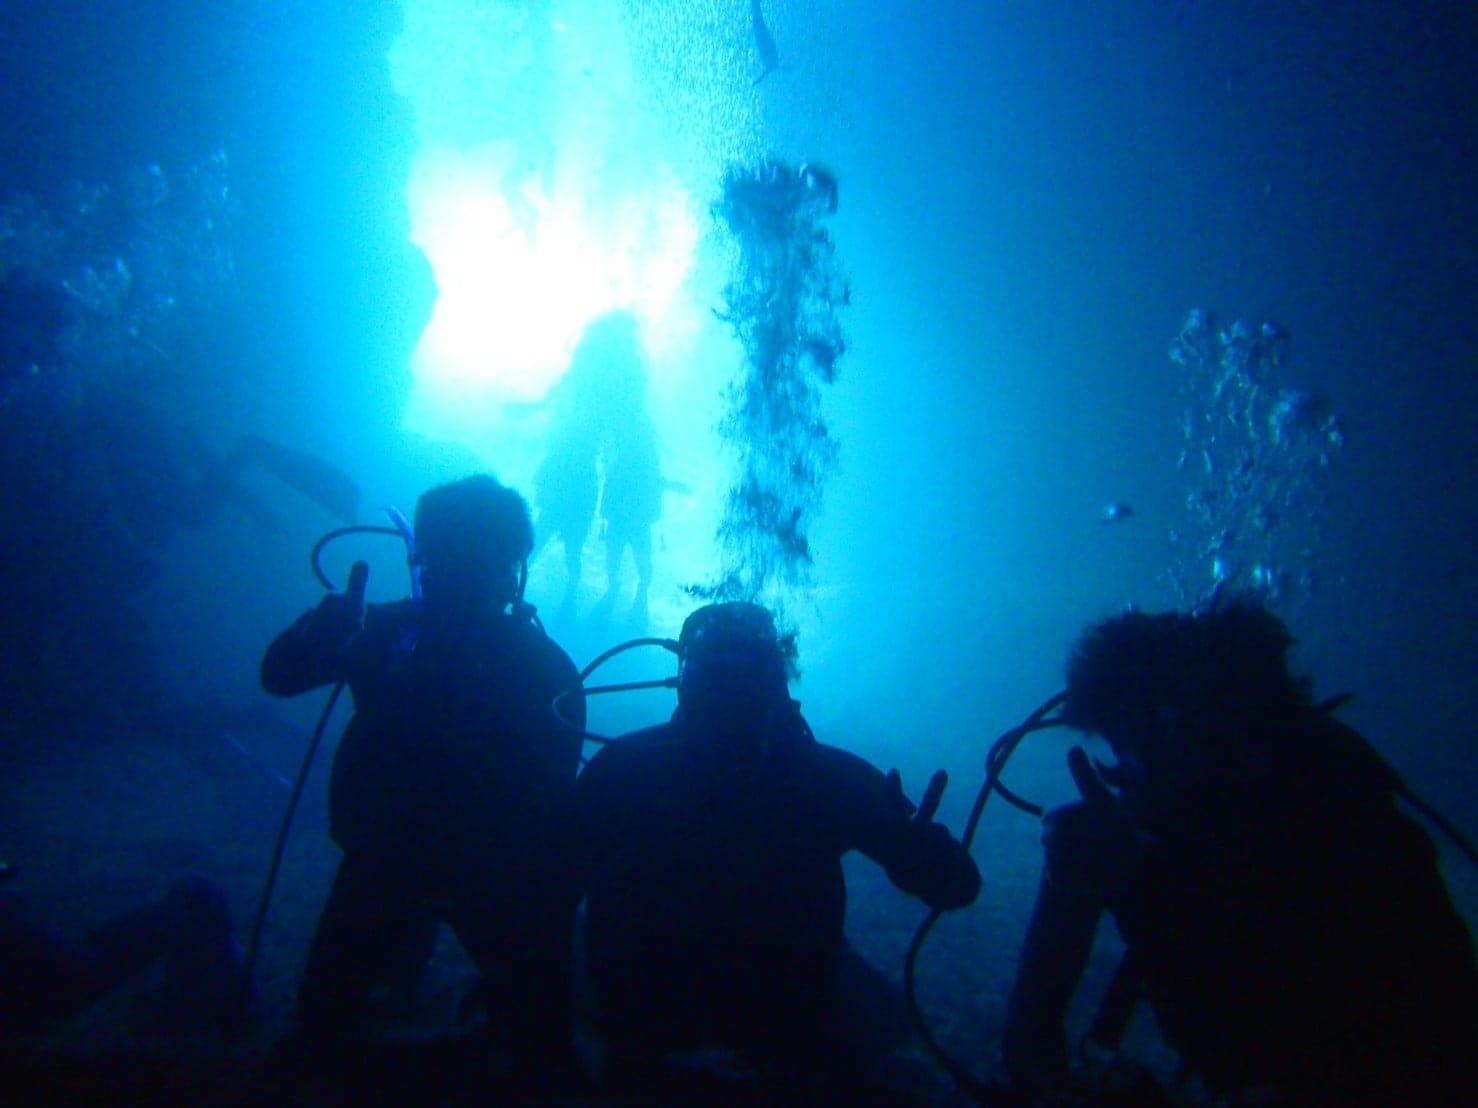 安心【沖縄・恩納村・青の洞窟】ゆったり体験ダイビングのイメージその2